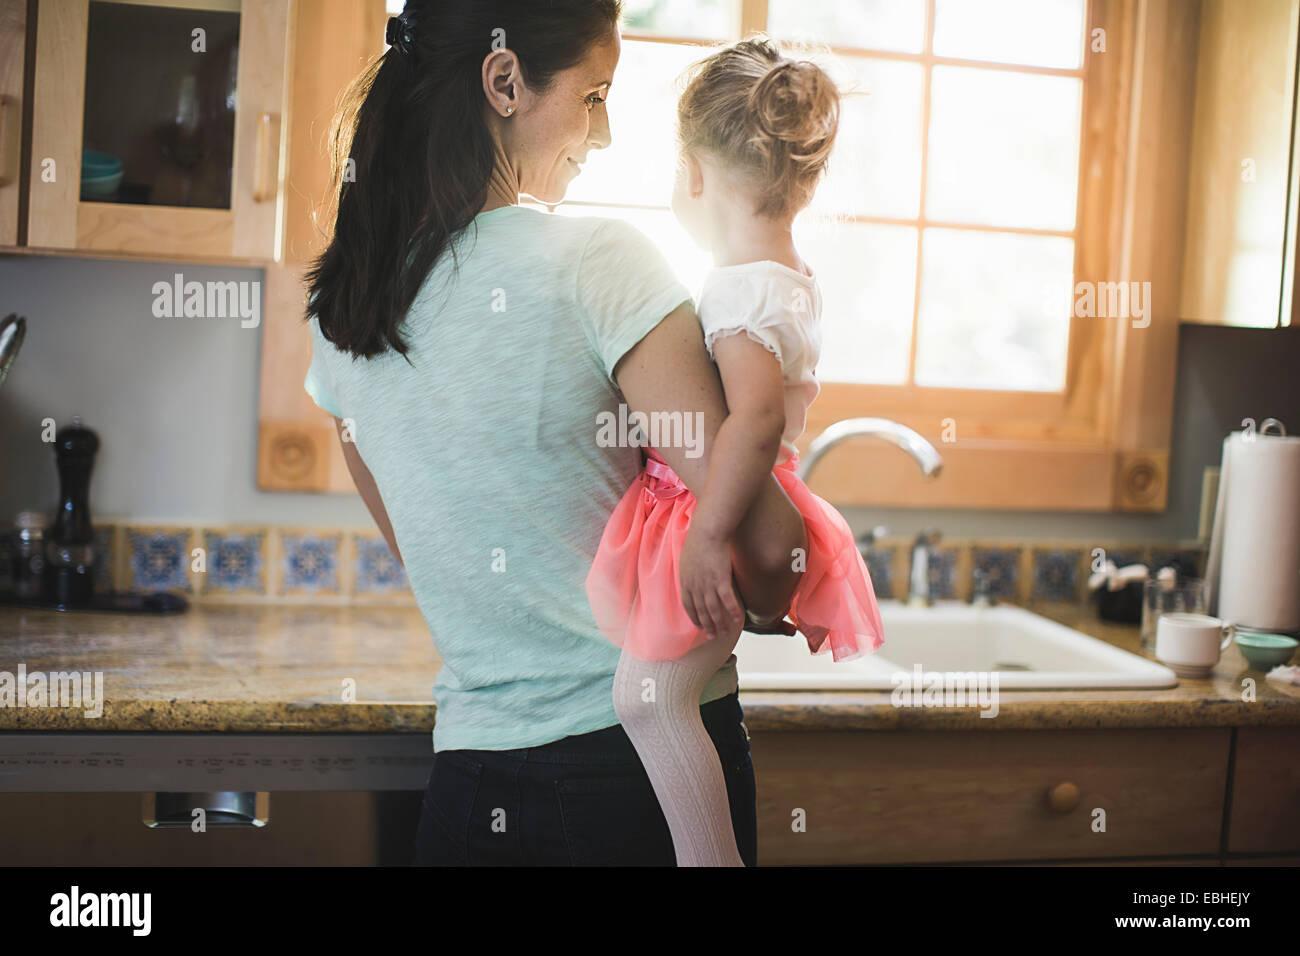 Madre e figlia giocando in cucina Immagini Stock